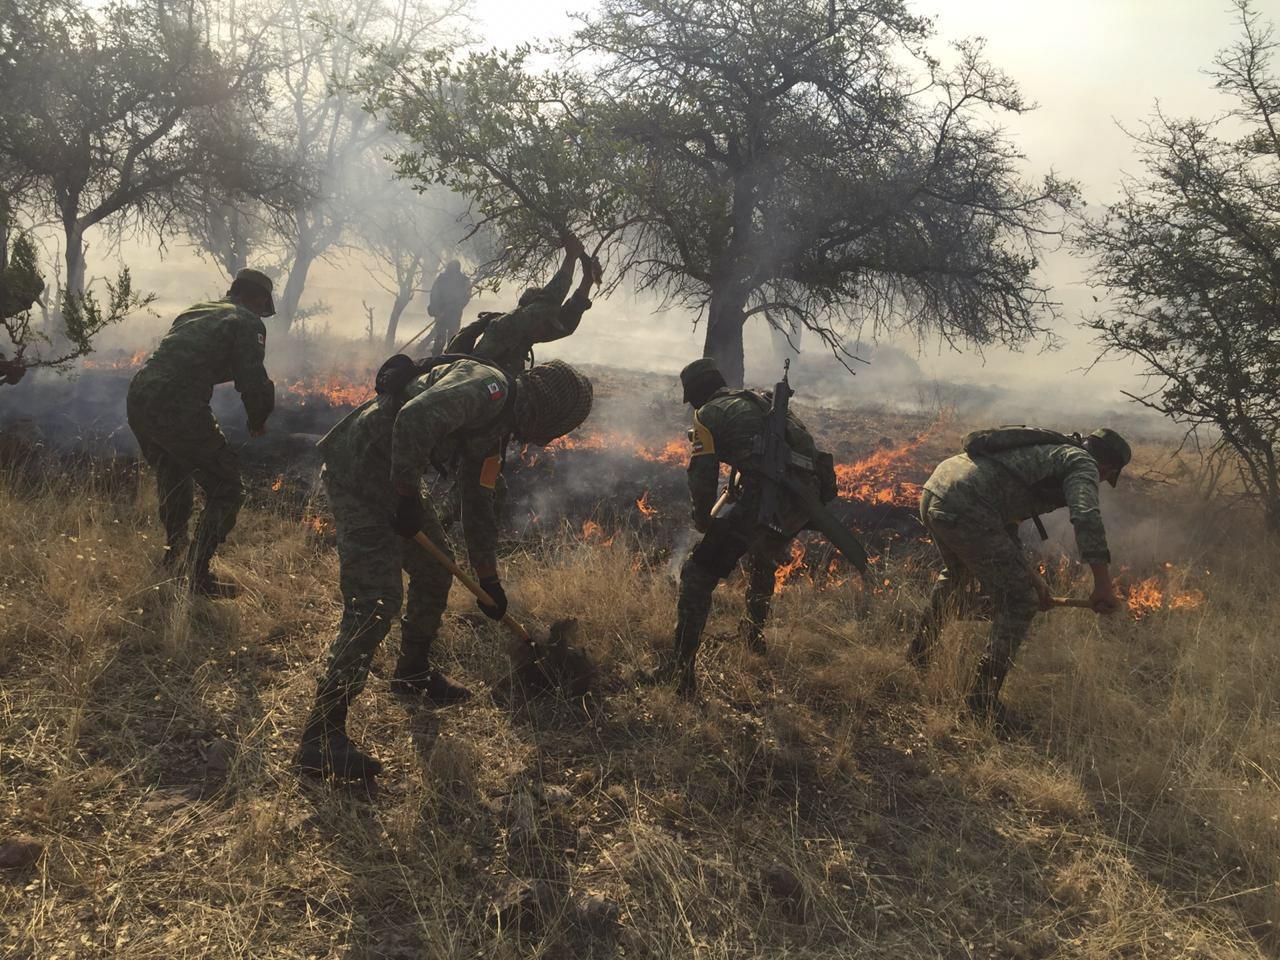 Incendios consumen 14 mil hectáreas de cerros y montañas Baja California